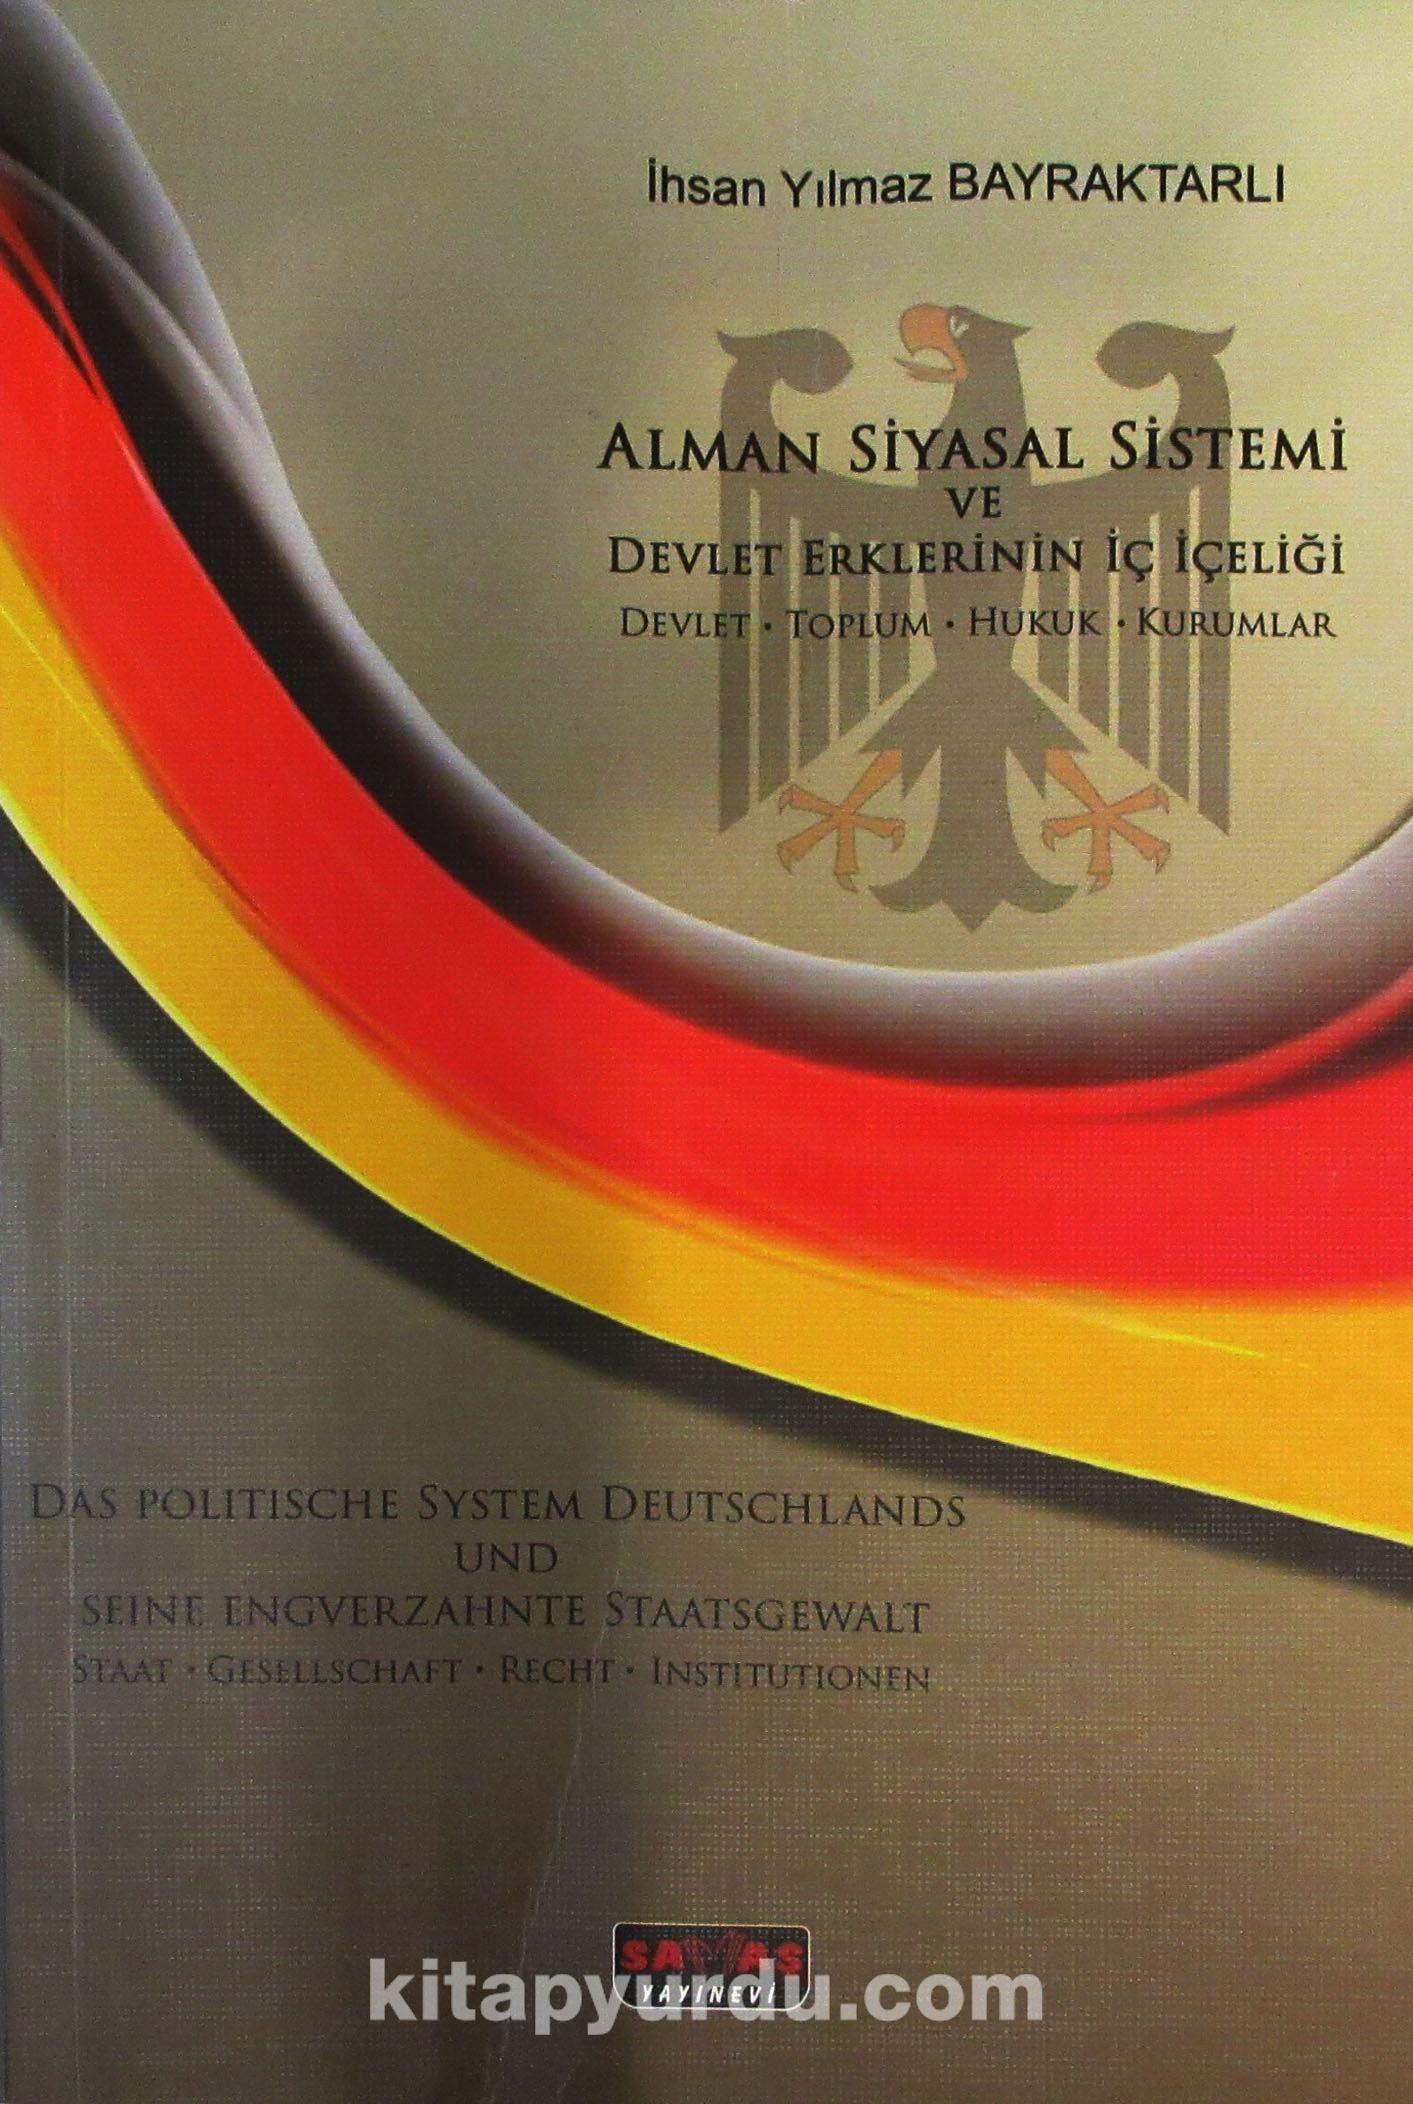 Alman Siyasal Sistemi ve Devlet Erklerinin İç İçeliğiDevlet-Toplum-Hukuk-Kurumlar